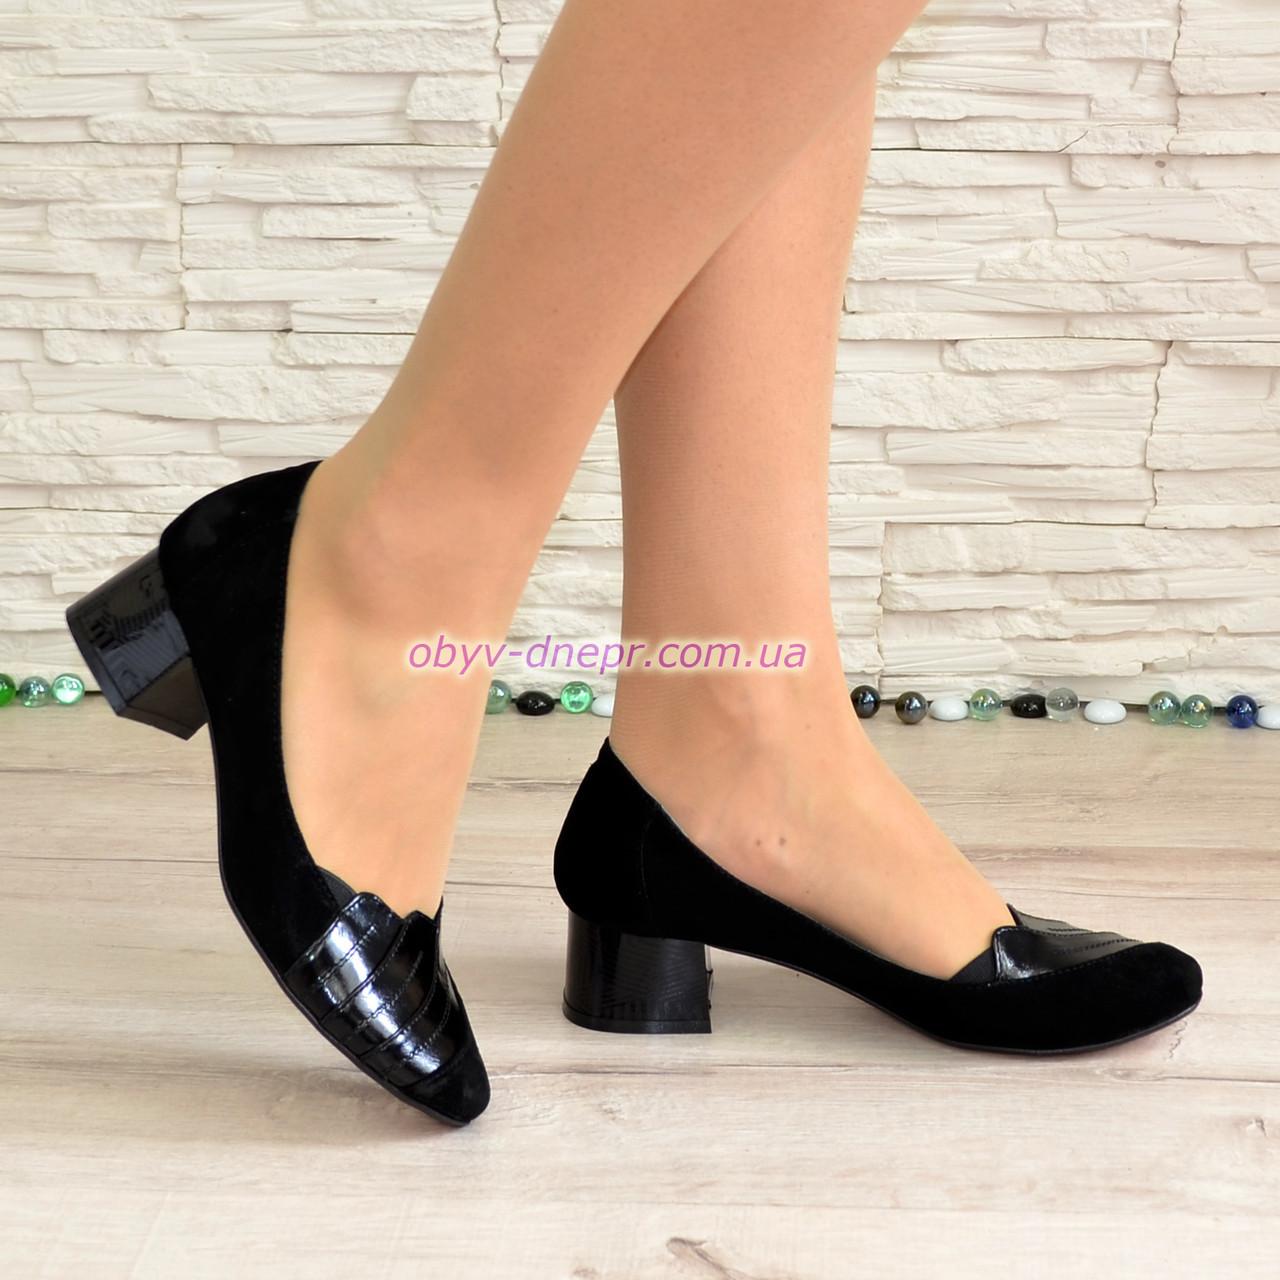 Туфли женские замшевые на невысоком каблуке, декорированы лаковыми вставками